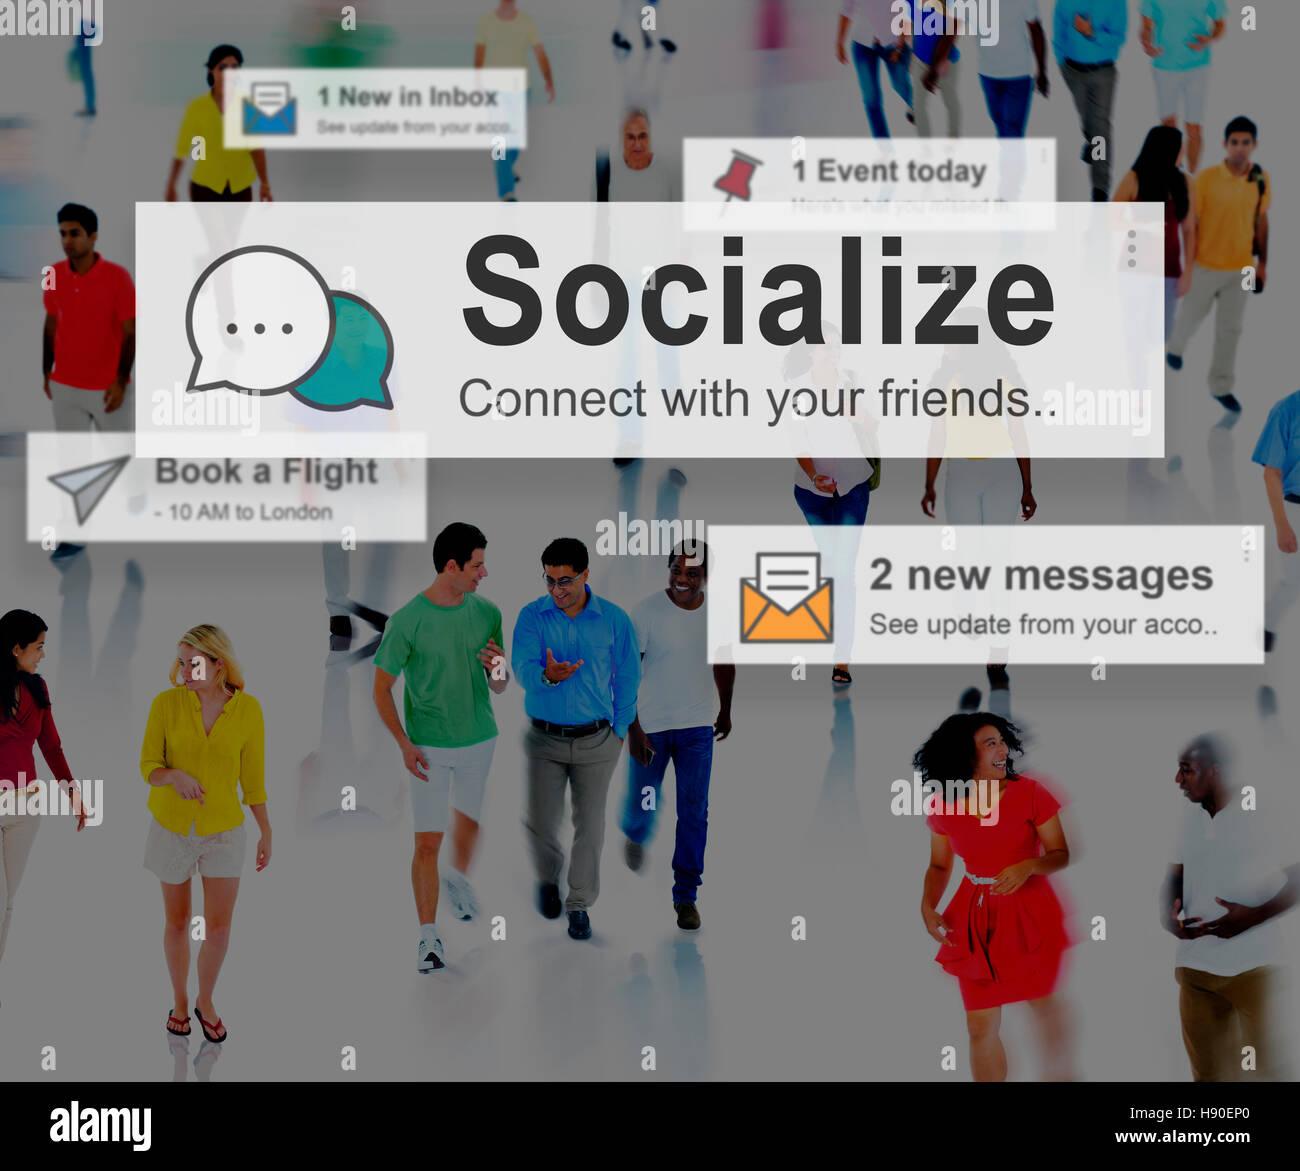 Socializzare società comunitaria relazione il concetto di socializzazione Immagini Stock